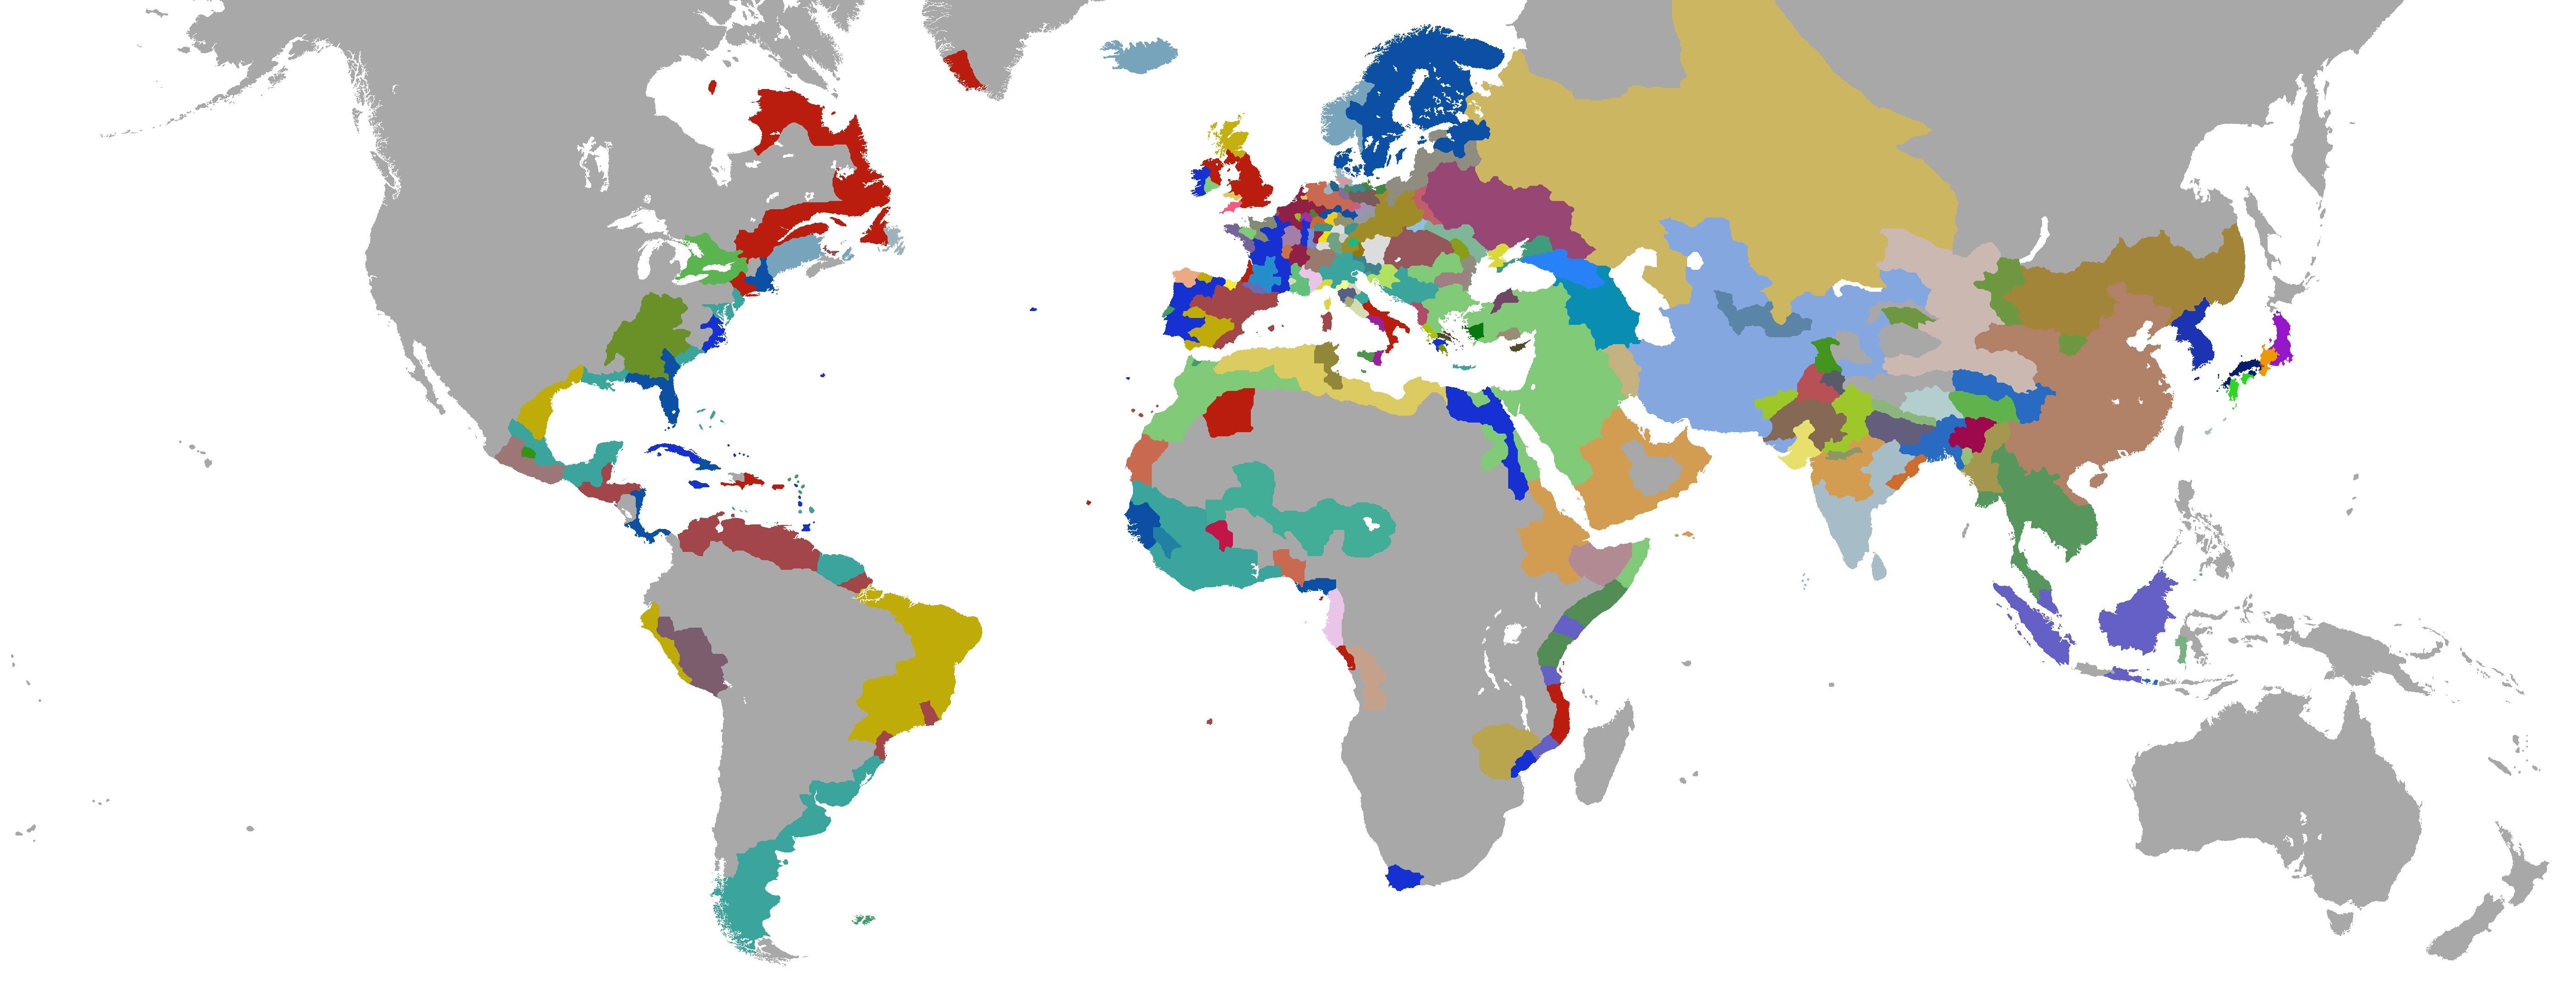 EU3_MAP_VEN_1568.8.5_1.jpg